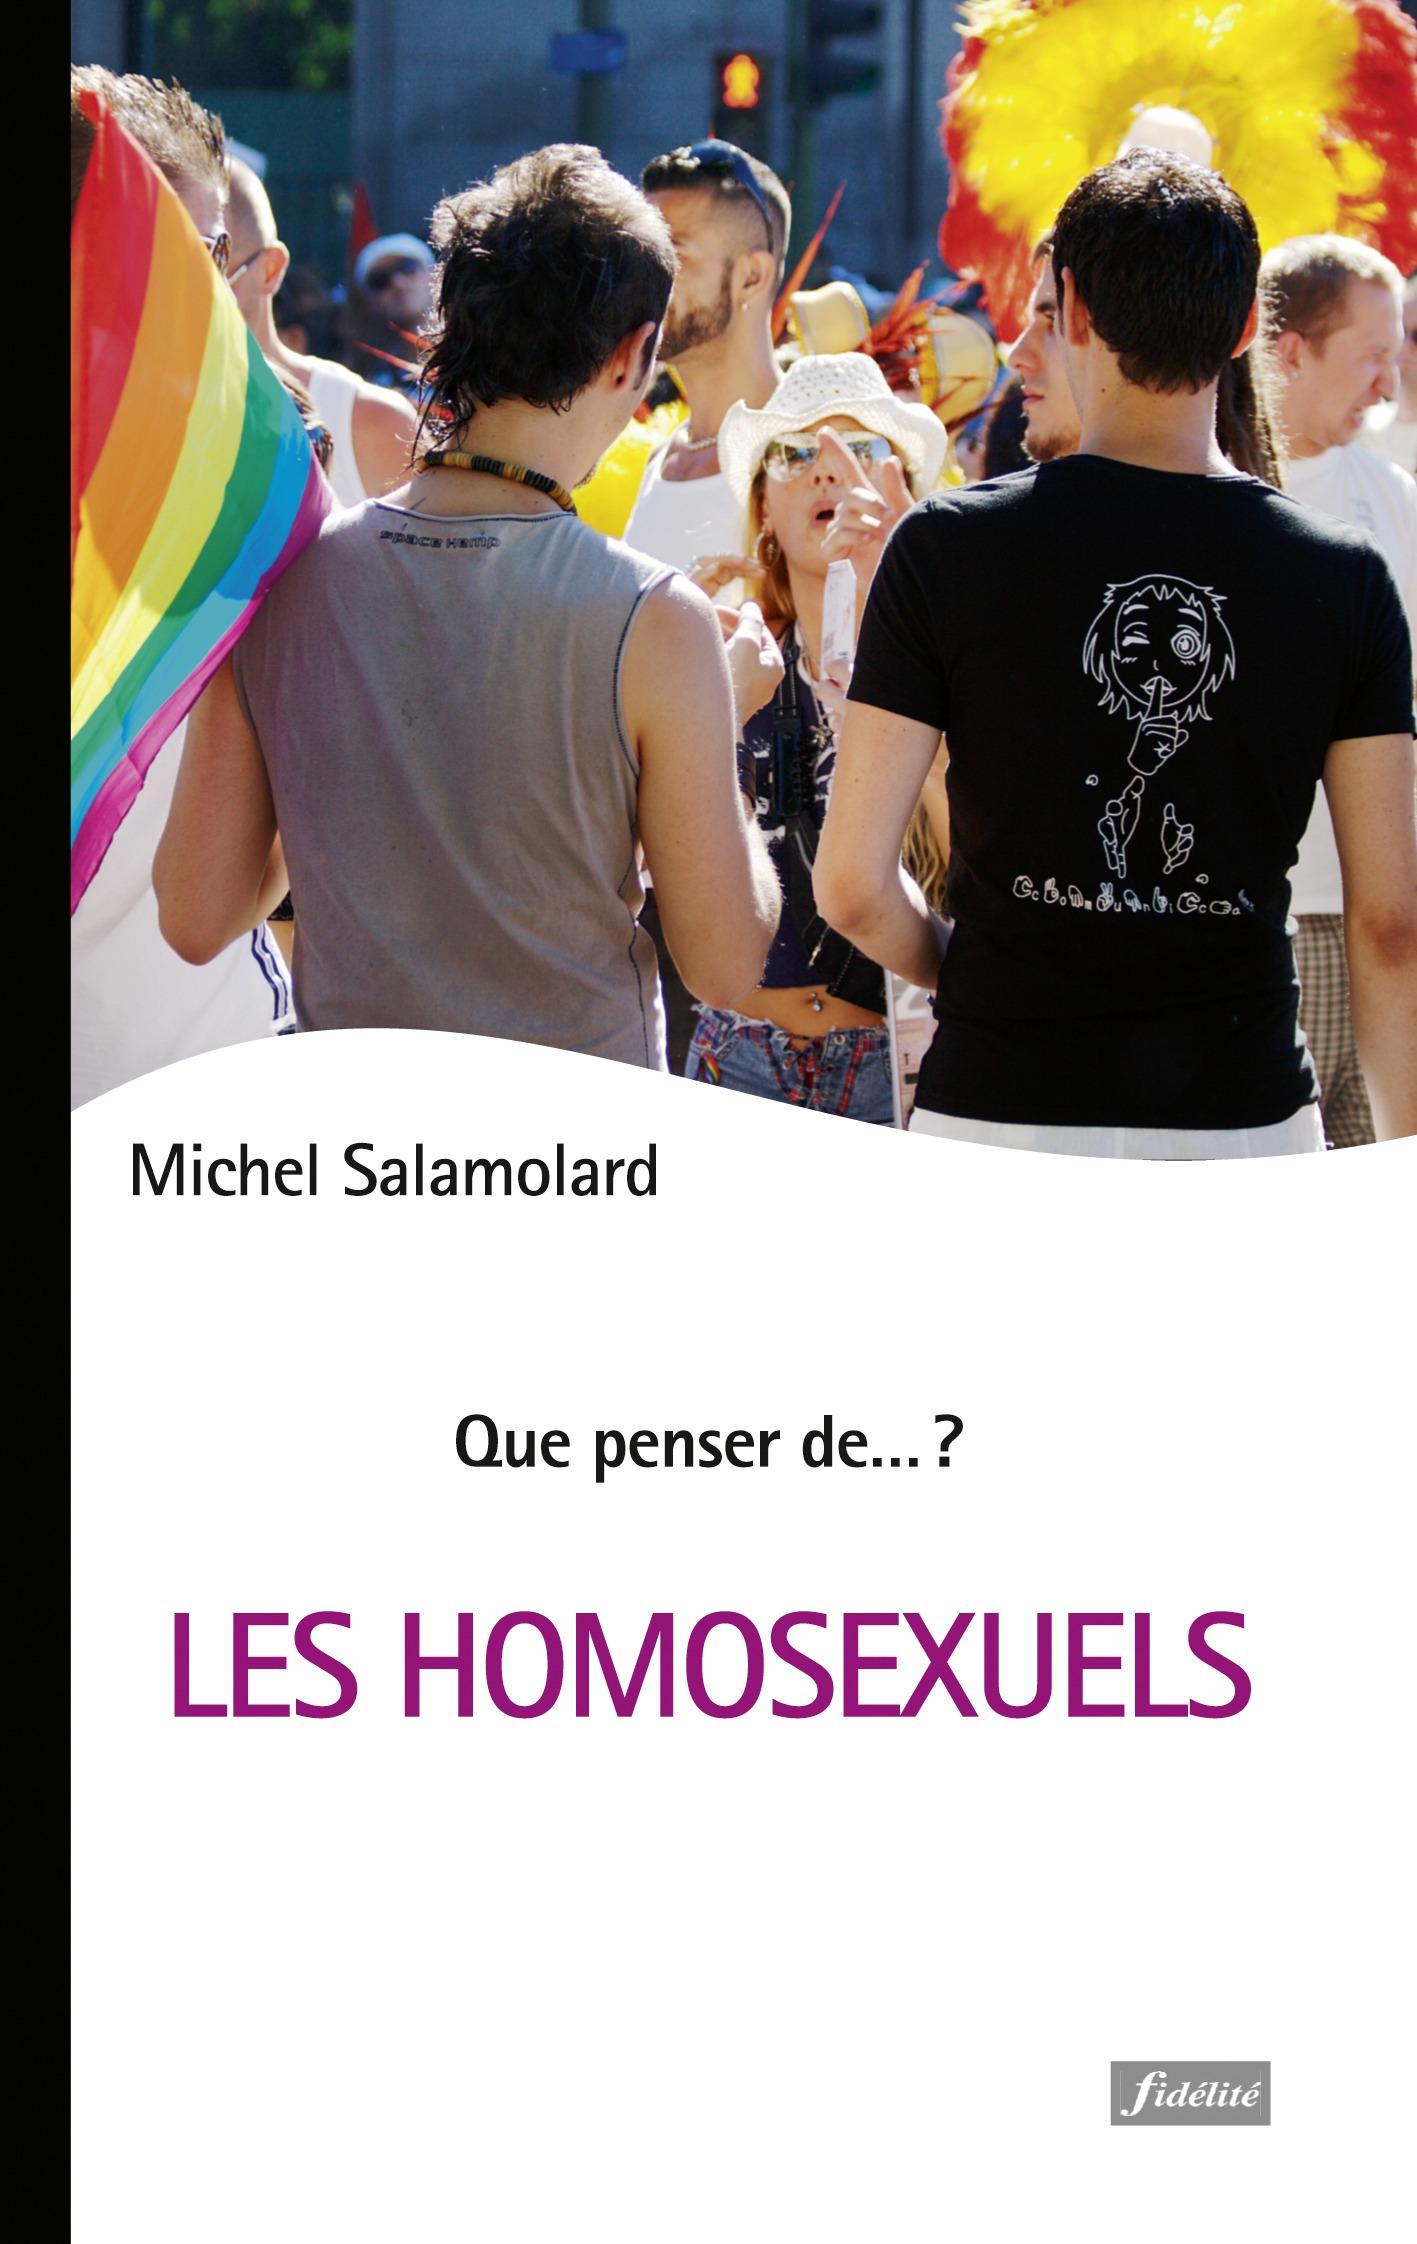 Michel Salamolard Les Homosexuels